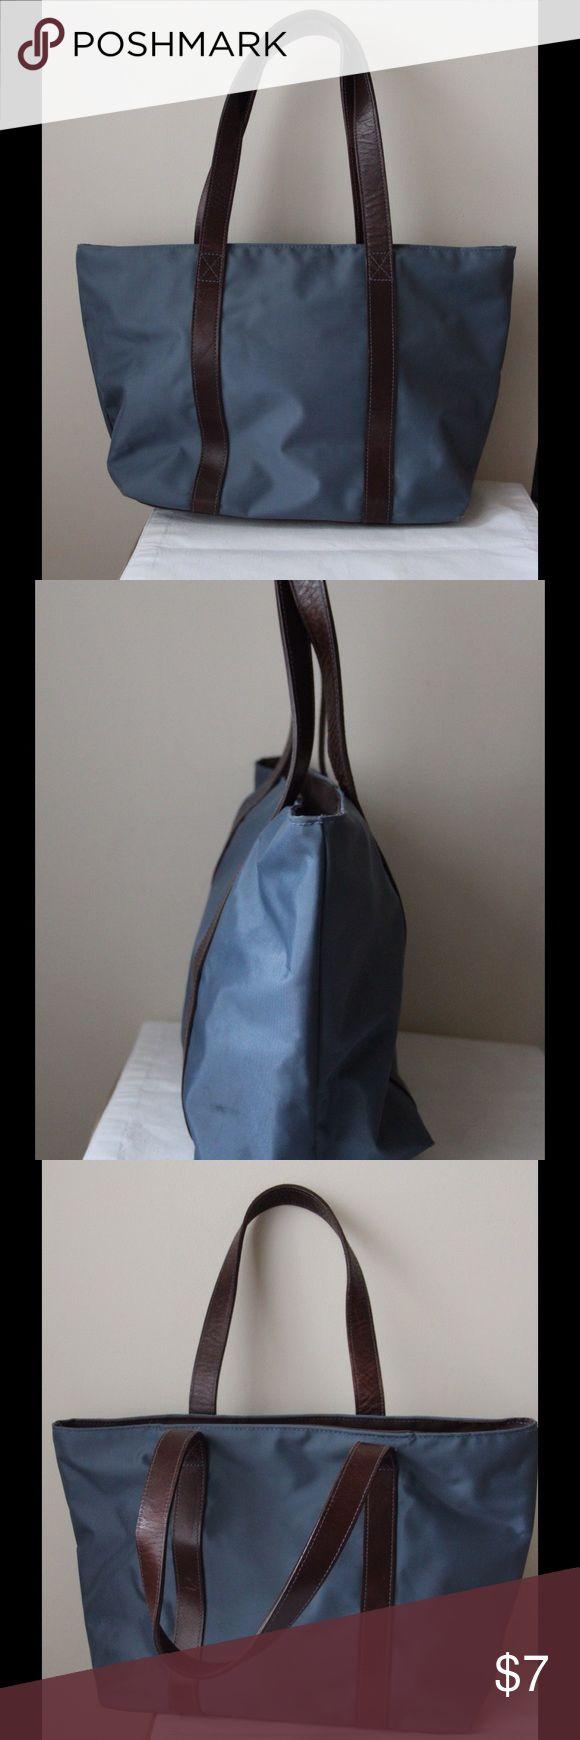 """Banana Republic dark teal tote bag Dark teal colored tote bag - top zipper closure - dual carry handles - 16"""" x 10"""" x 5.5"""" - 9"""" handle drop Banana Republic Bags Totes"""